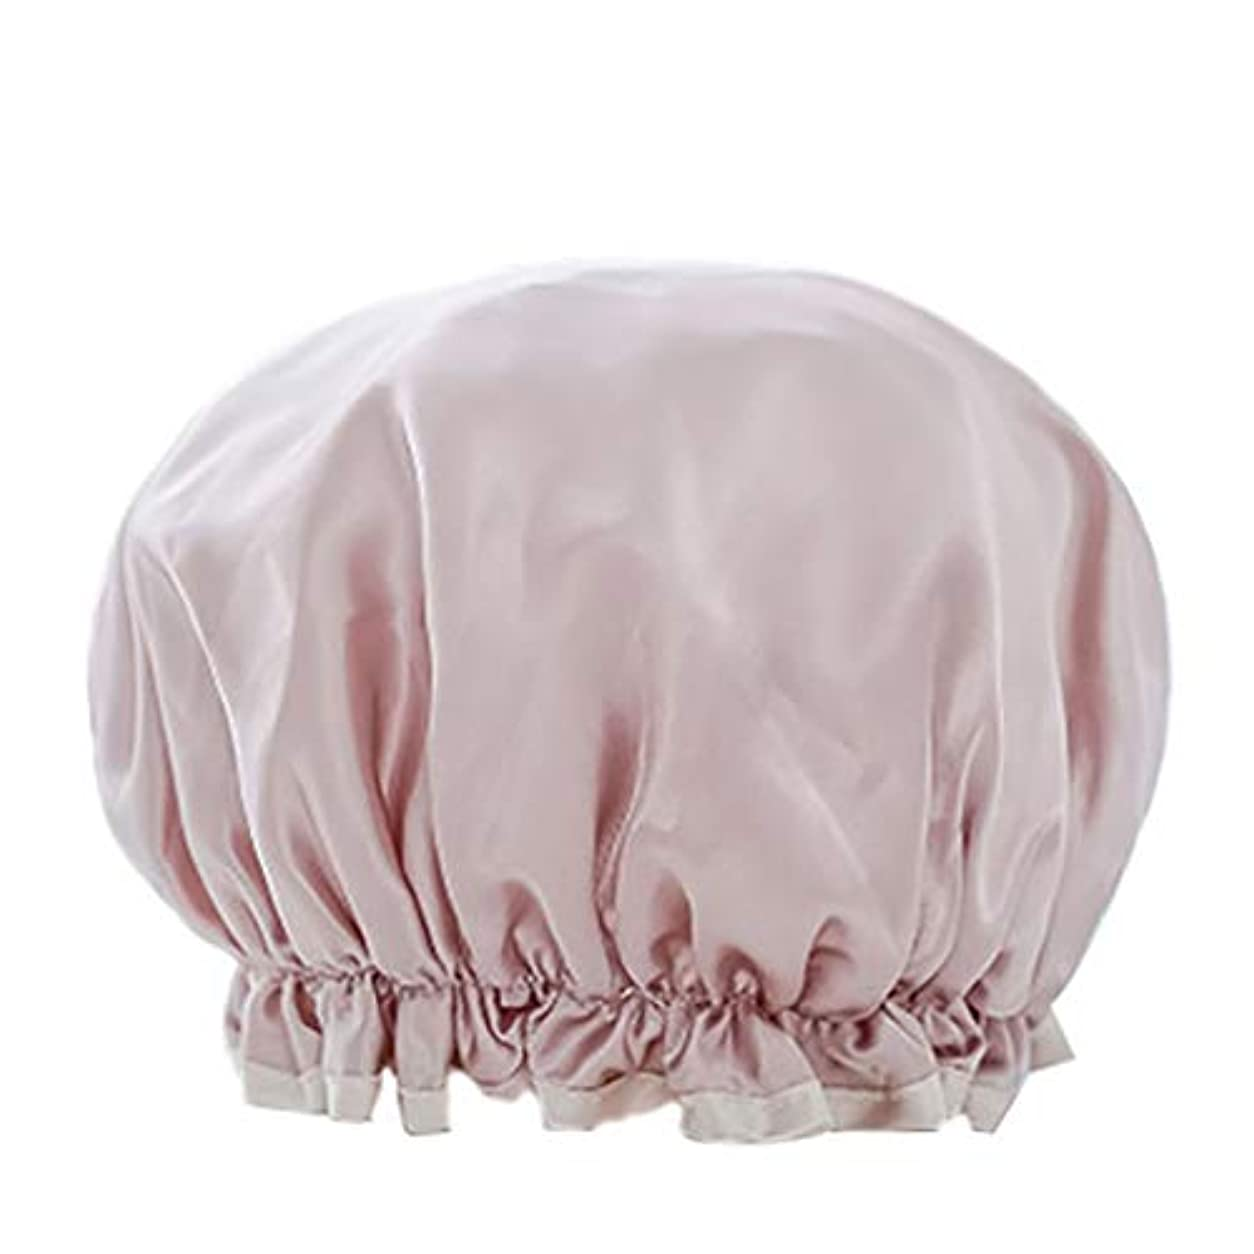 硫黄すべきまたはMaltose 防水シャワーキャップ マイクロファイバー素材 化粧帽 油煙を防ぐ 浴びる 2枚セット